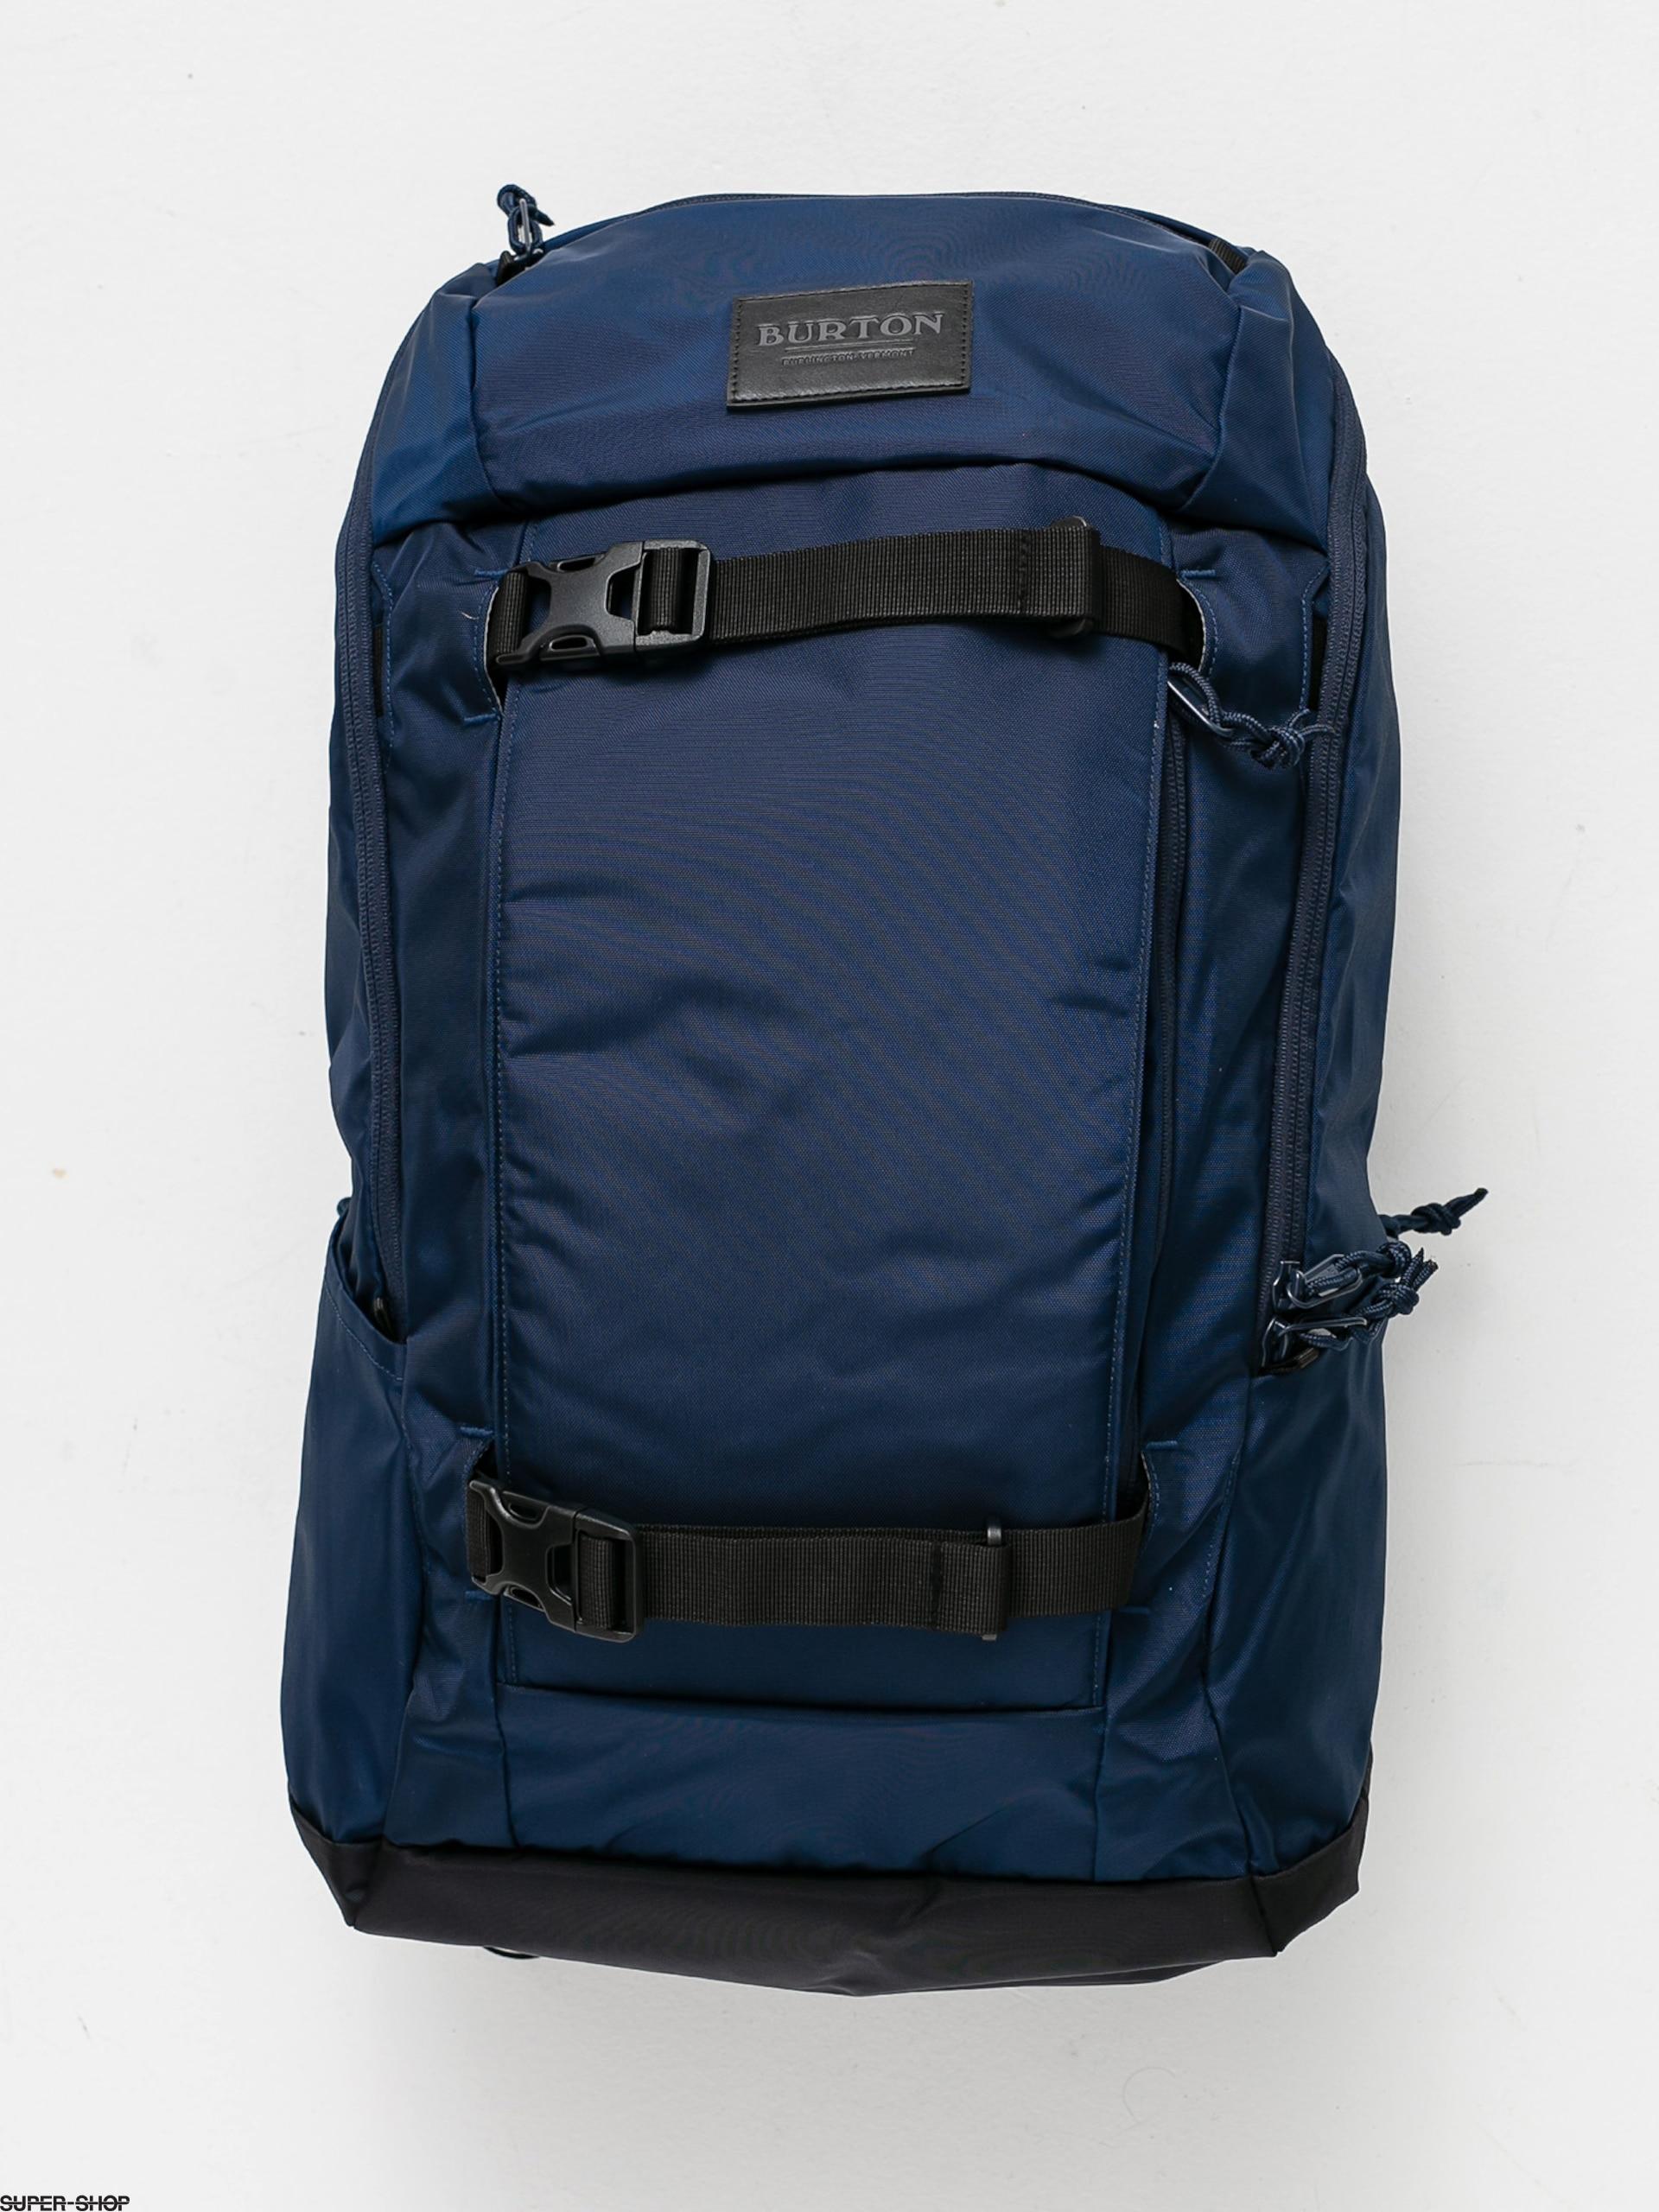 Adultos Unisex Dress Blue Burton Kilo 2.0